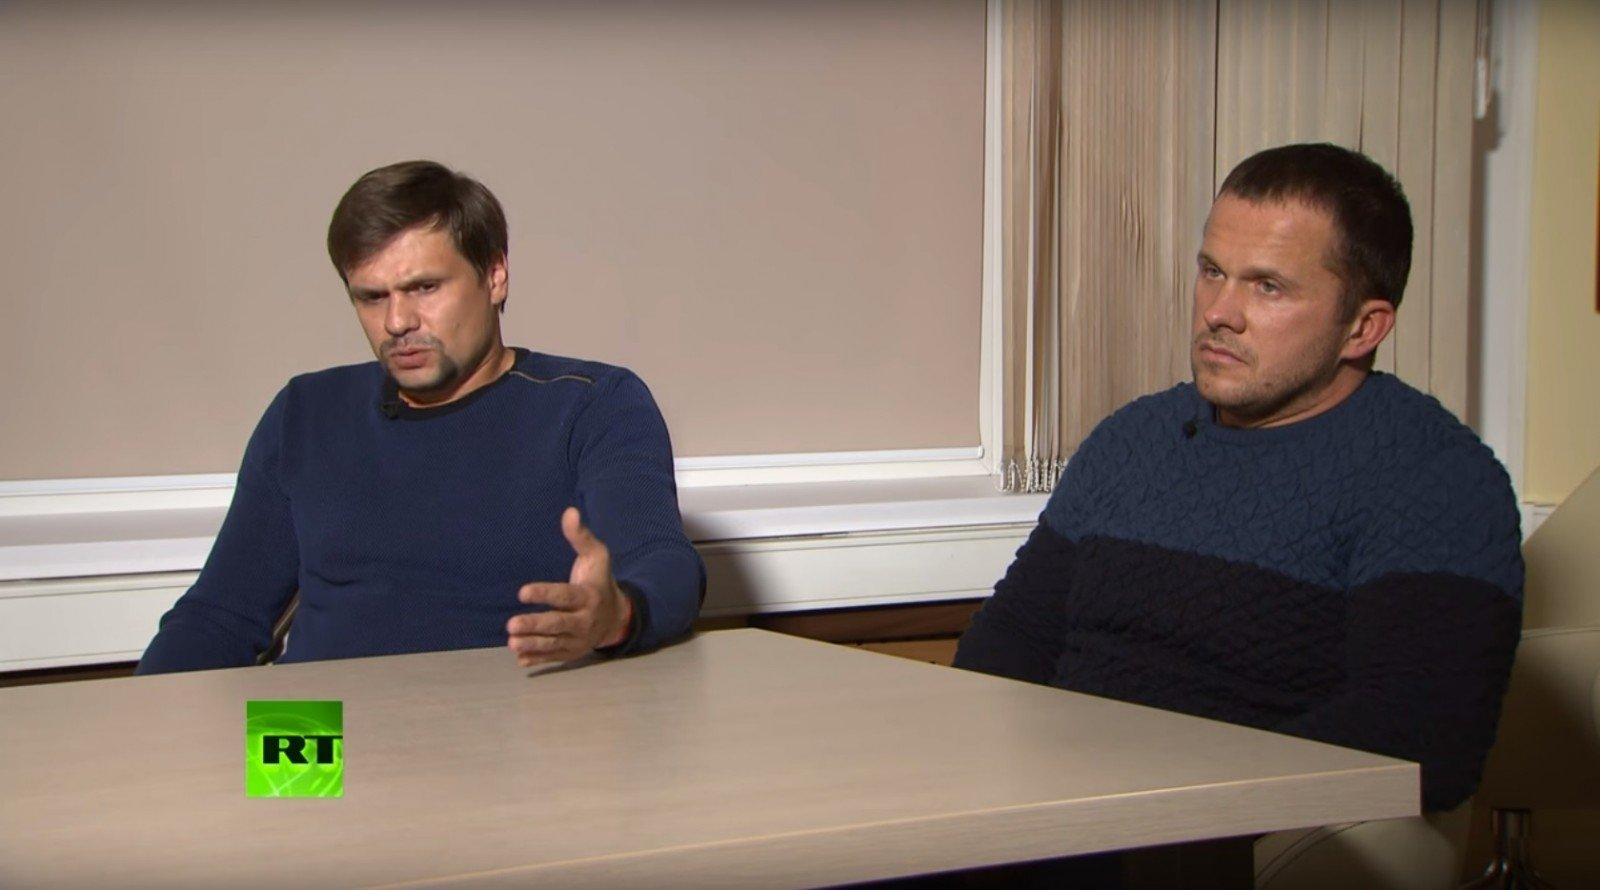 Предполагаемый убийца чеченца в Берлине не просил убежища в ФРГ